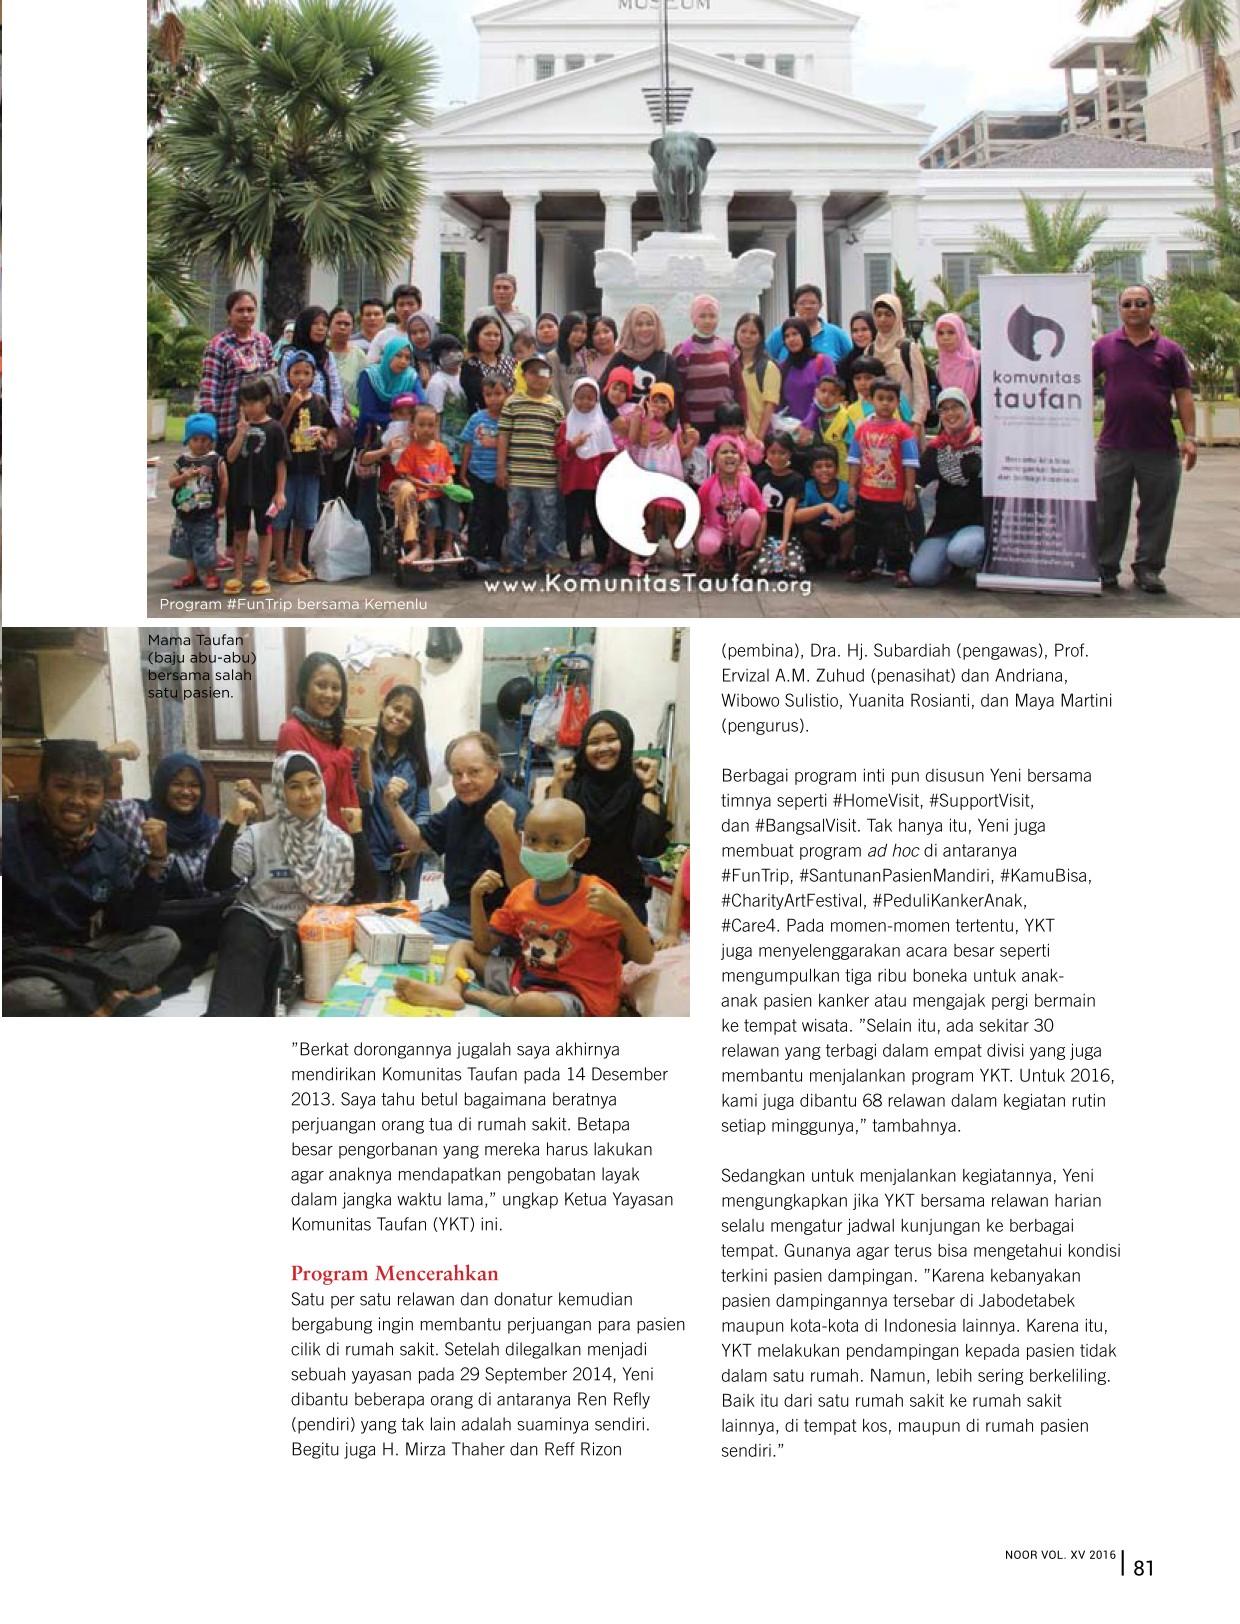 201606_Komunitas_Taufan_di_Majalah_NOOR_Semangat_Taufan_untuk_Pasien_Anak_Penyakit_Resiko_Tinggi_2